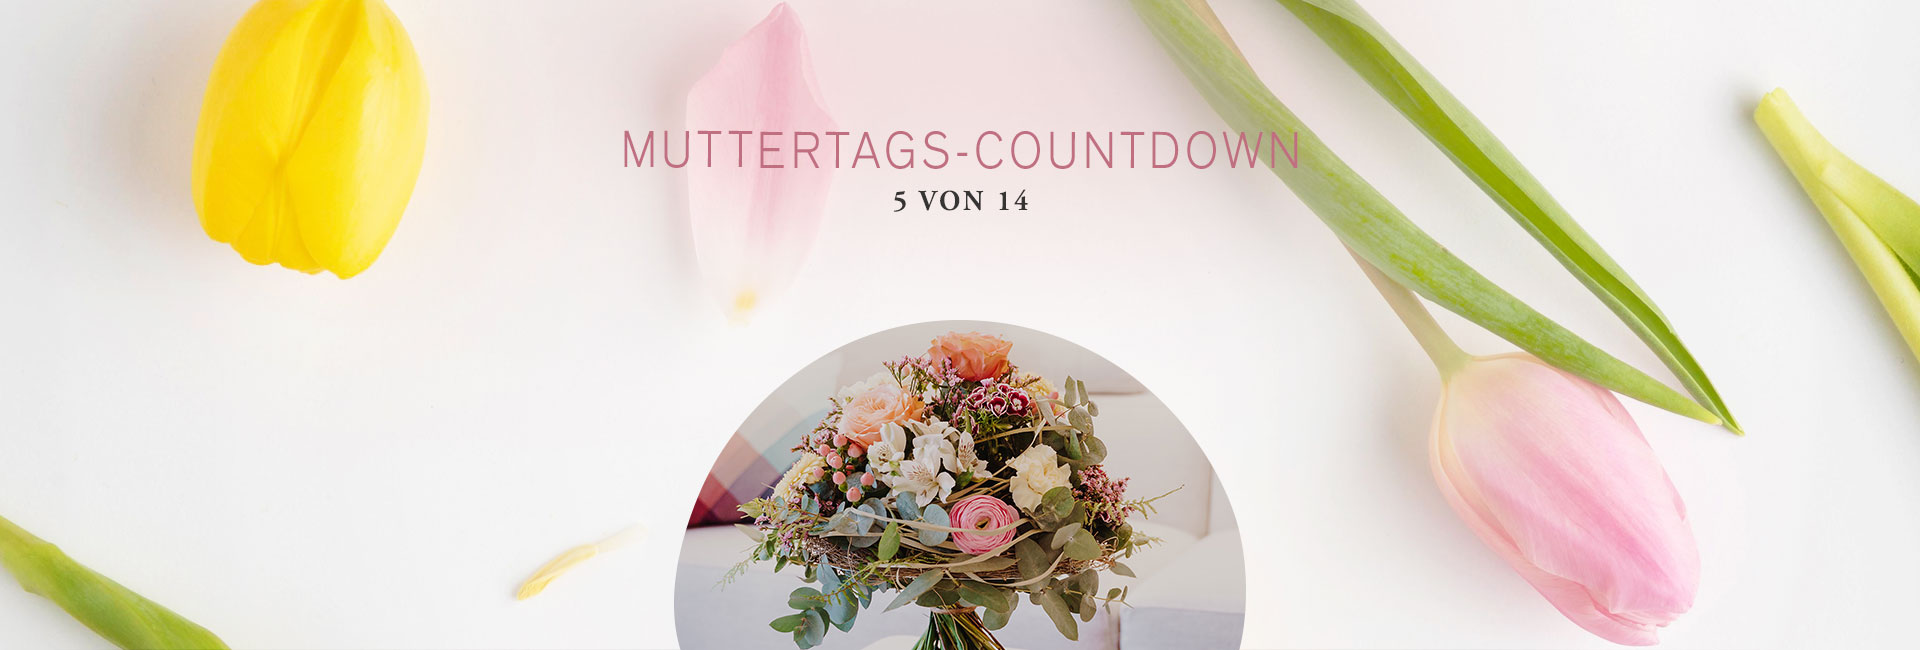 💐 Blumenstrauß von Fleurop Interflora Austria